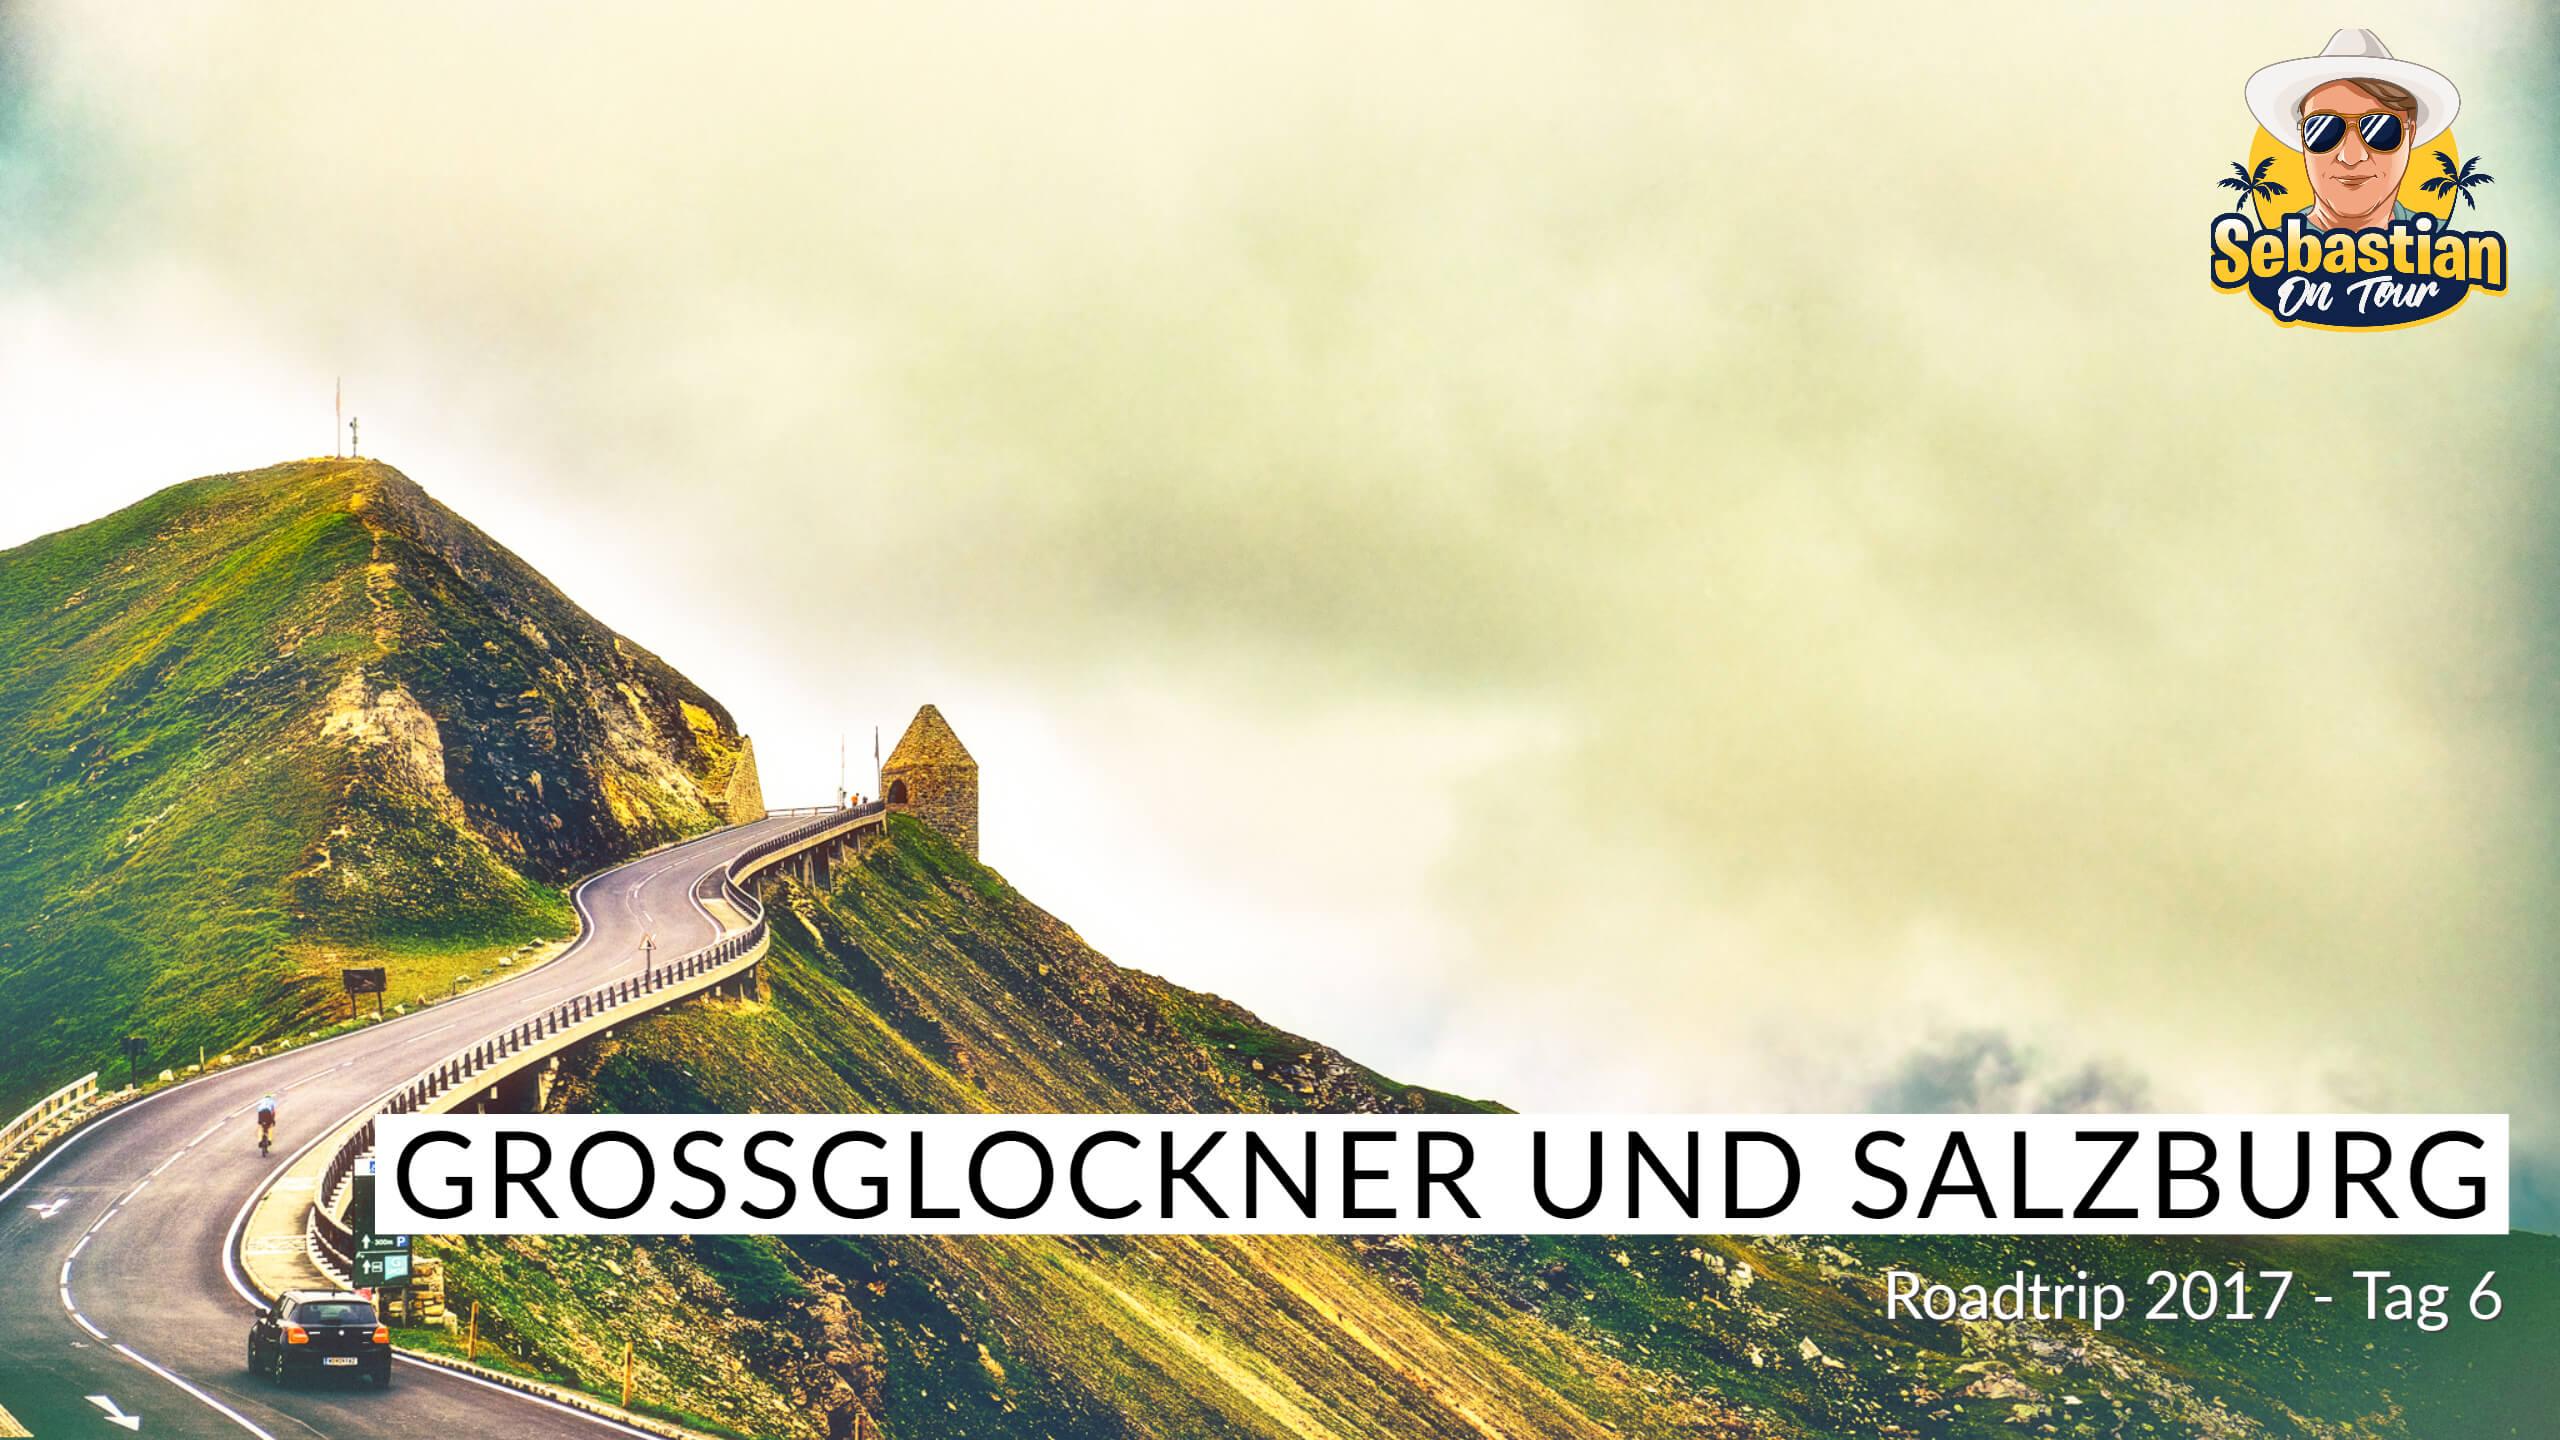 Grossglockner und Salzburg - Cabrio Tour 2017 - Tag 6